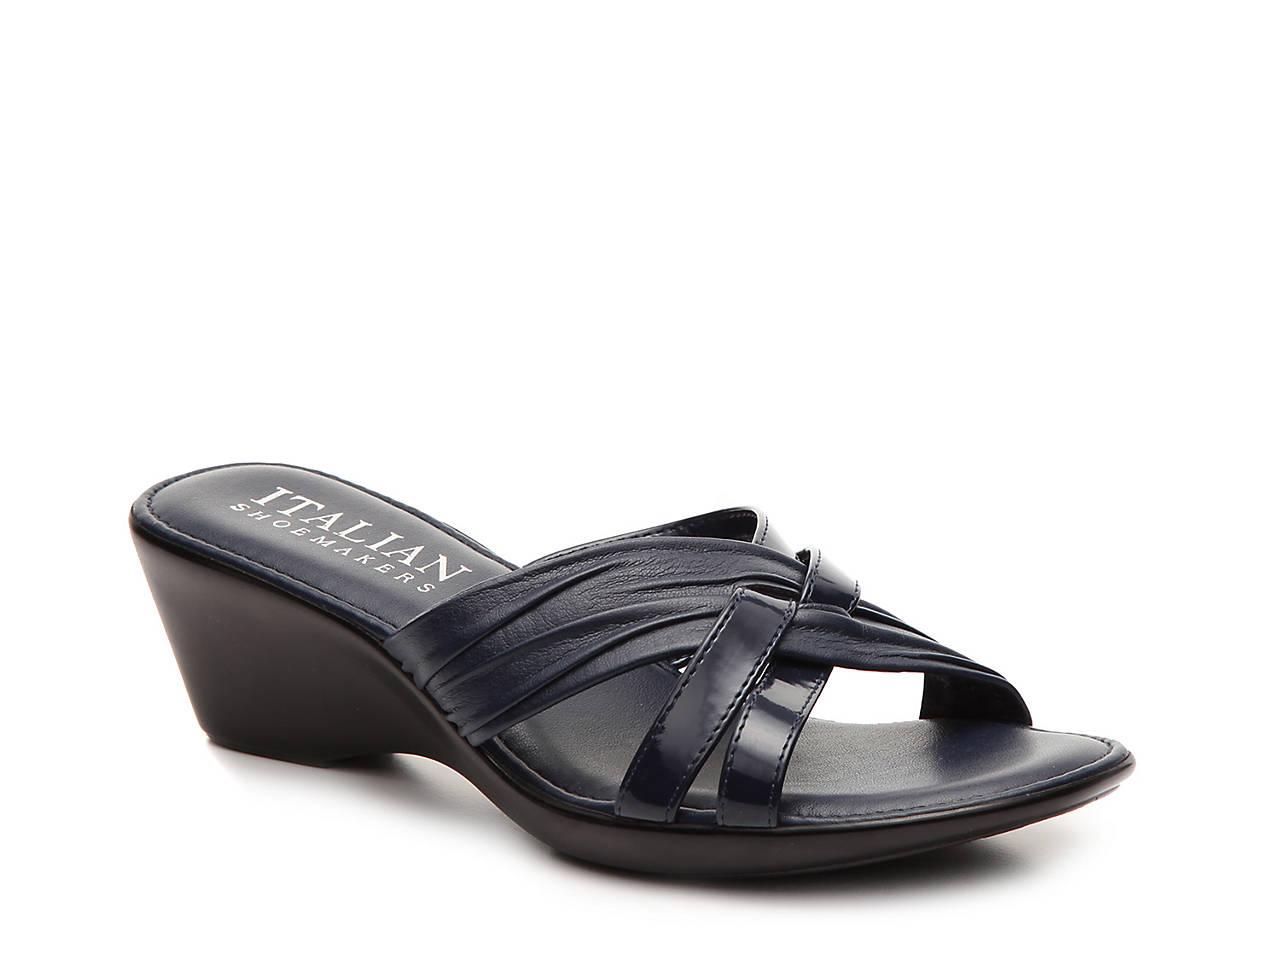 Black sandals at dsw - Florida Wedge Sandal